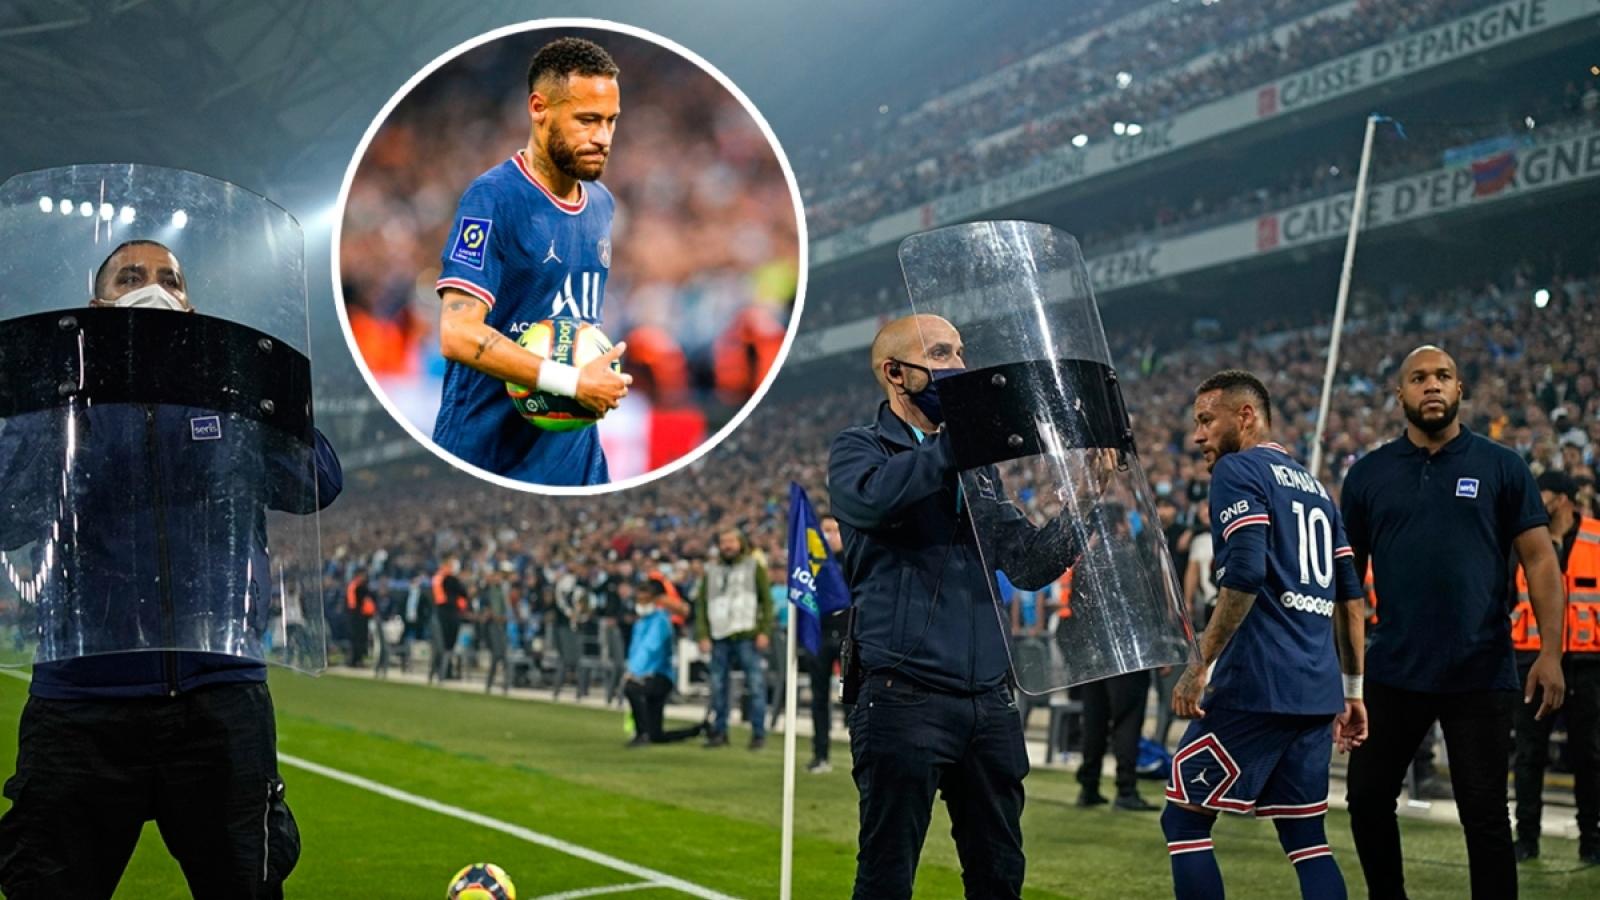 Lực lượng an ninh vất vả bảo vệ Neymar, Messi trước CĐV quá khích